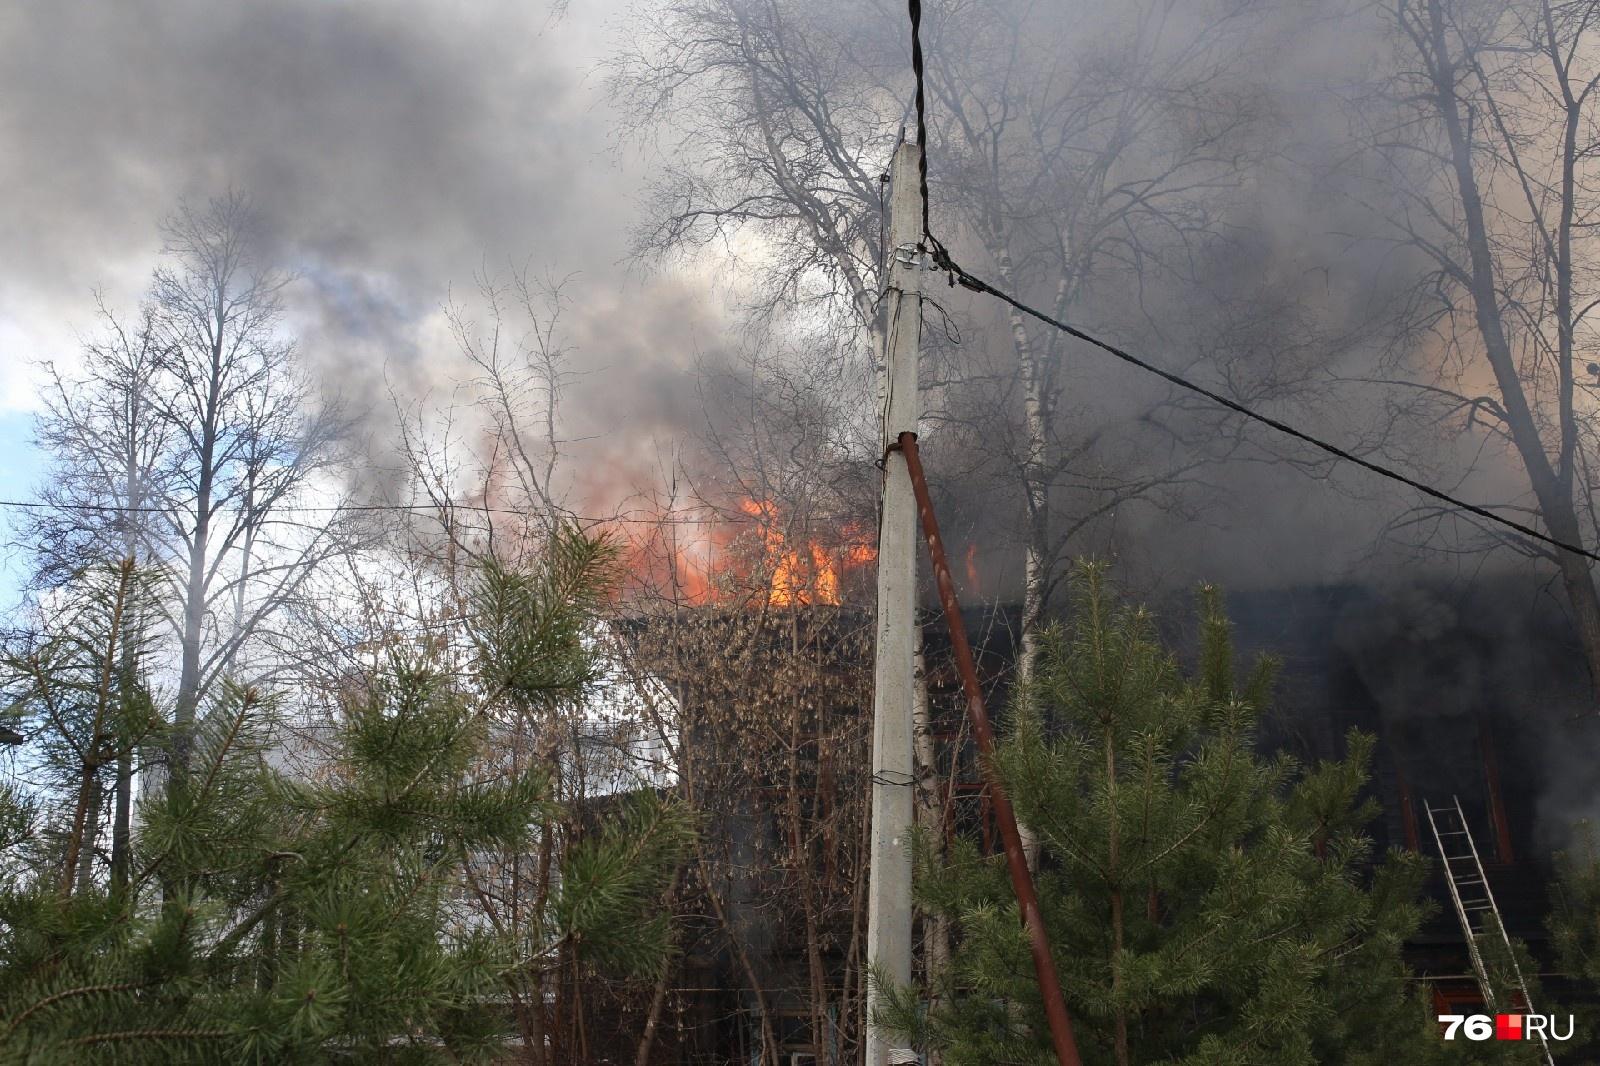 Над домом - густой черный дым